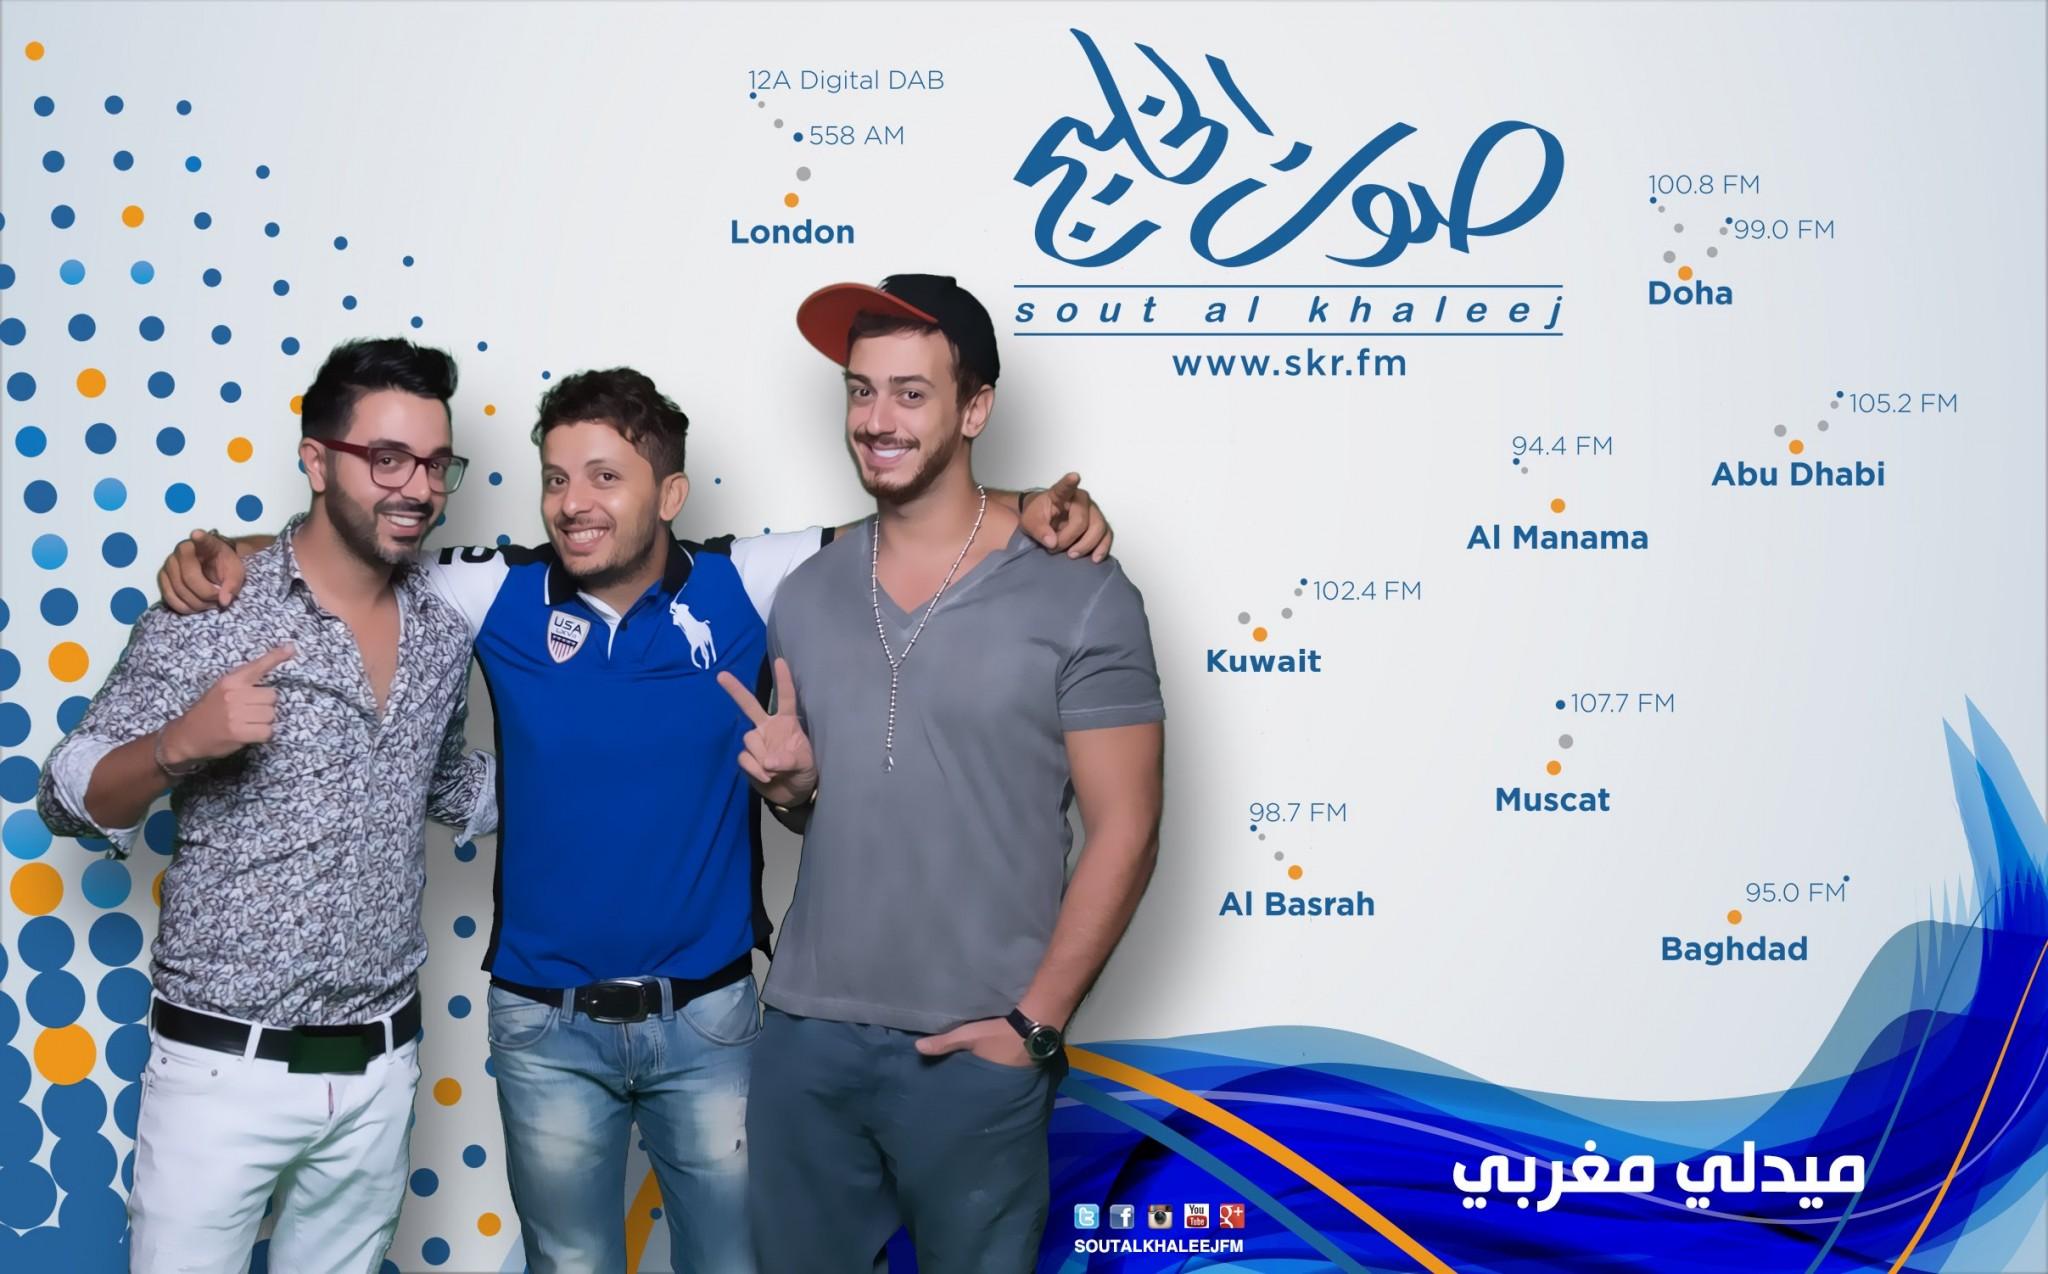 ميدلي مغربي - سعد المجرد - حاتم عمور - أحمد شوقي